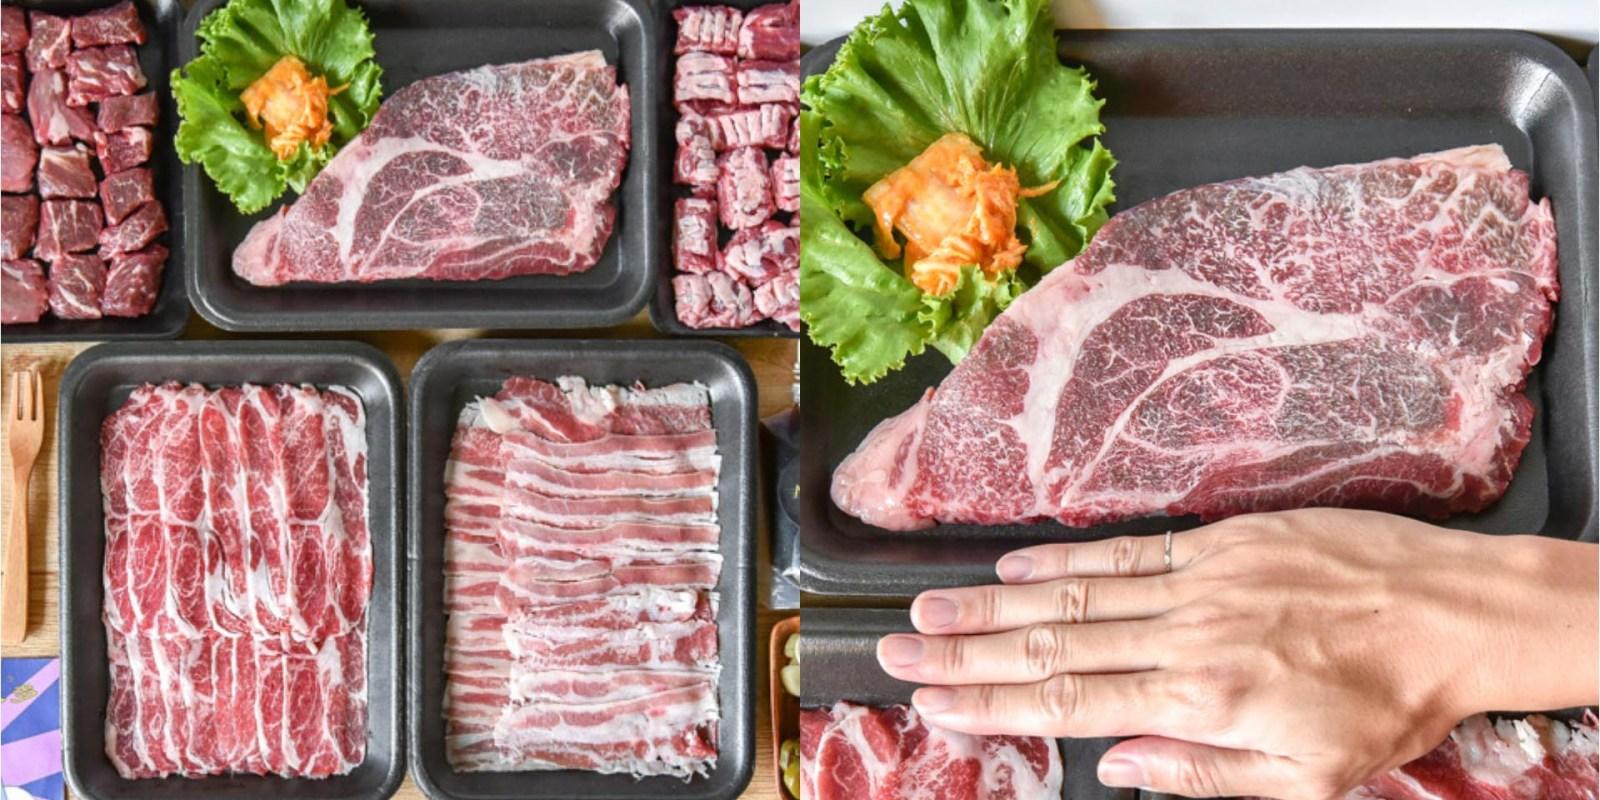 298 Nikuya Taichung:台中北區餐廳外帶外送防疫優惠-台中燒肉推薦!大份量防疫燒肉組合餐,讓你在家也可以吃到美味的日式燒肉!疫情期間外帶自取燒肉丼飯、燒肉便當享85折優惠!